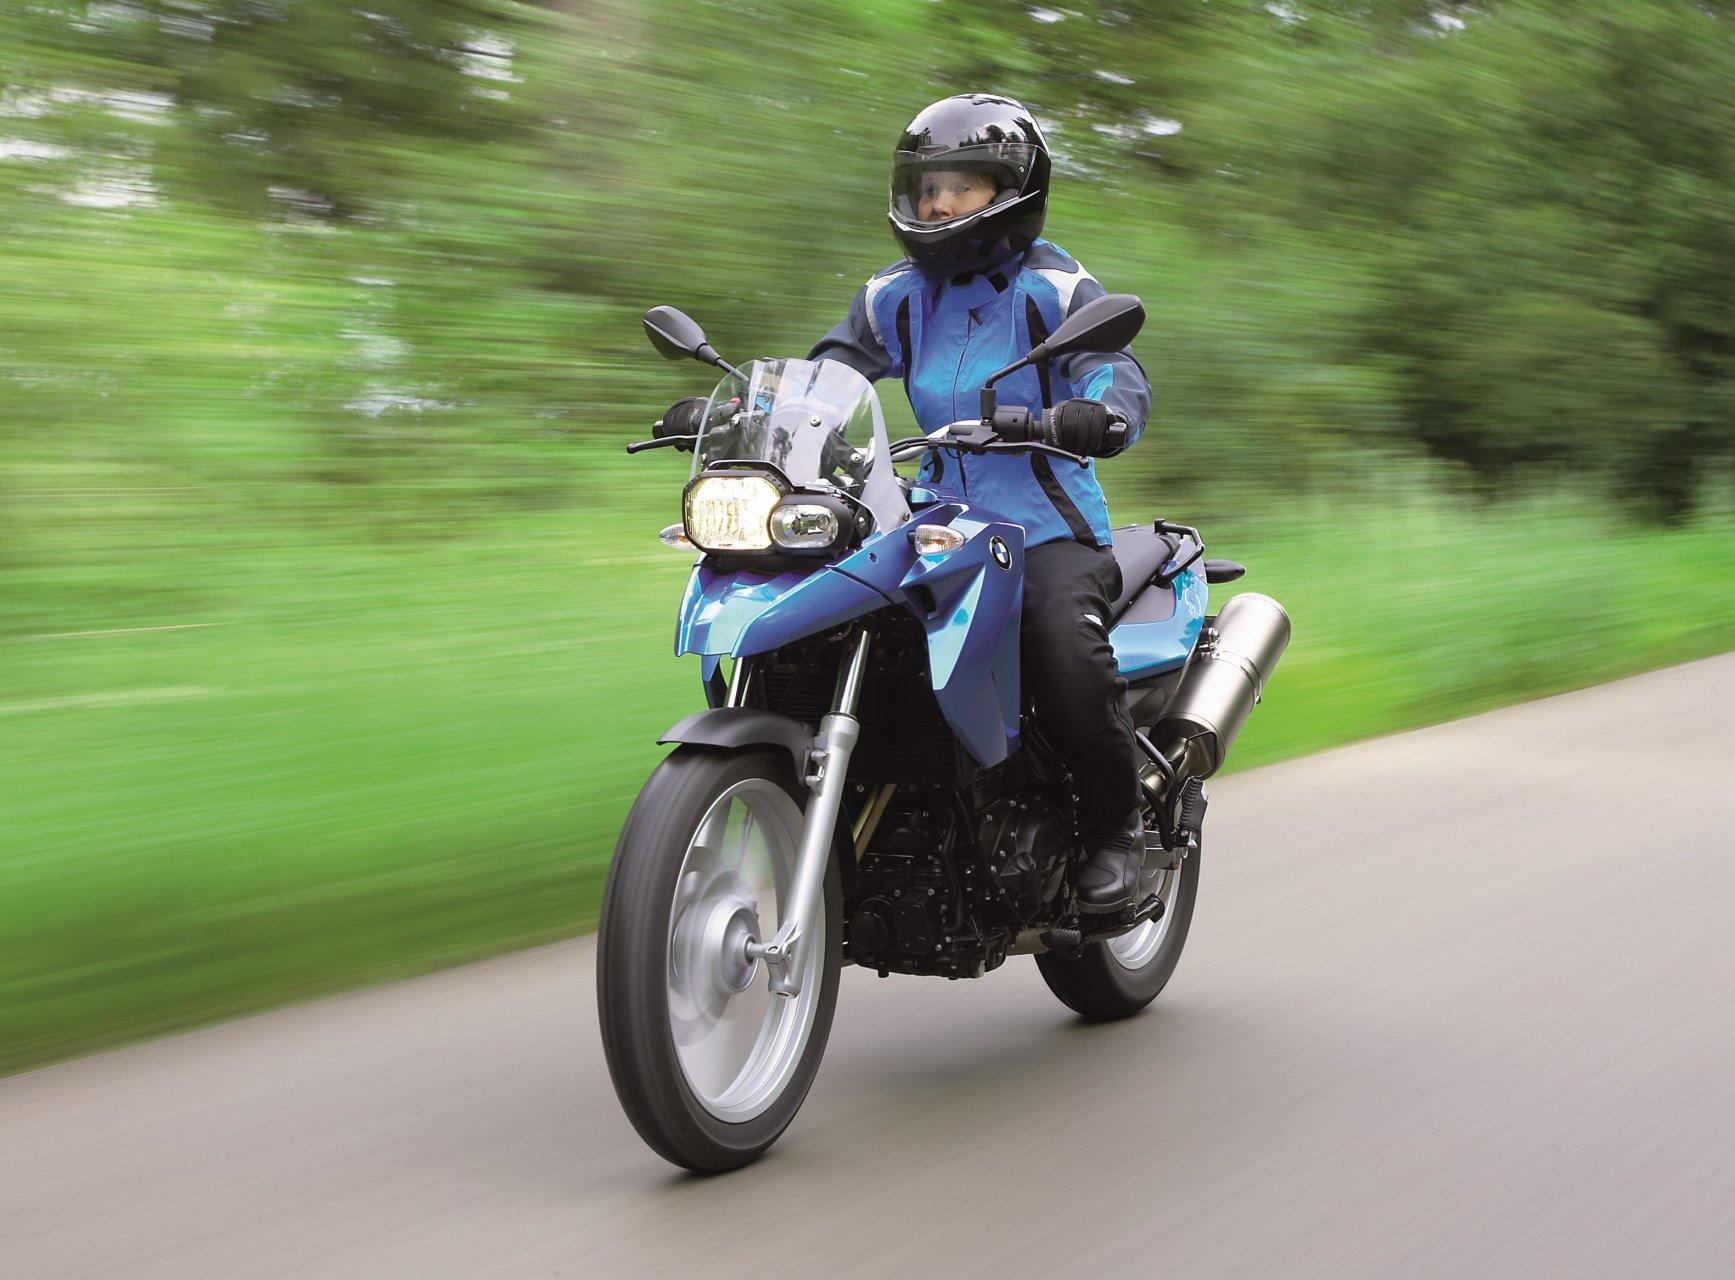 Moto del día: BMW F 650 GS bicilíndrica